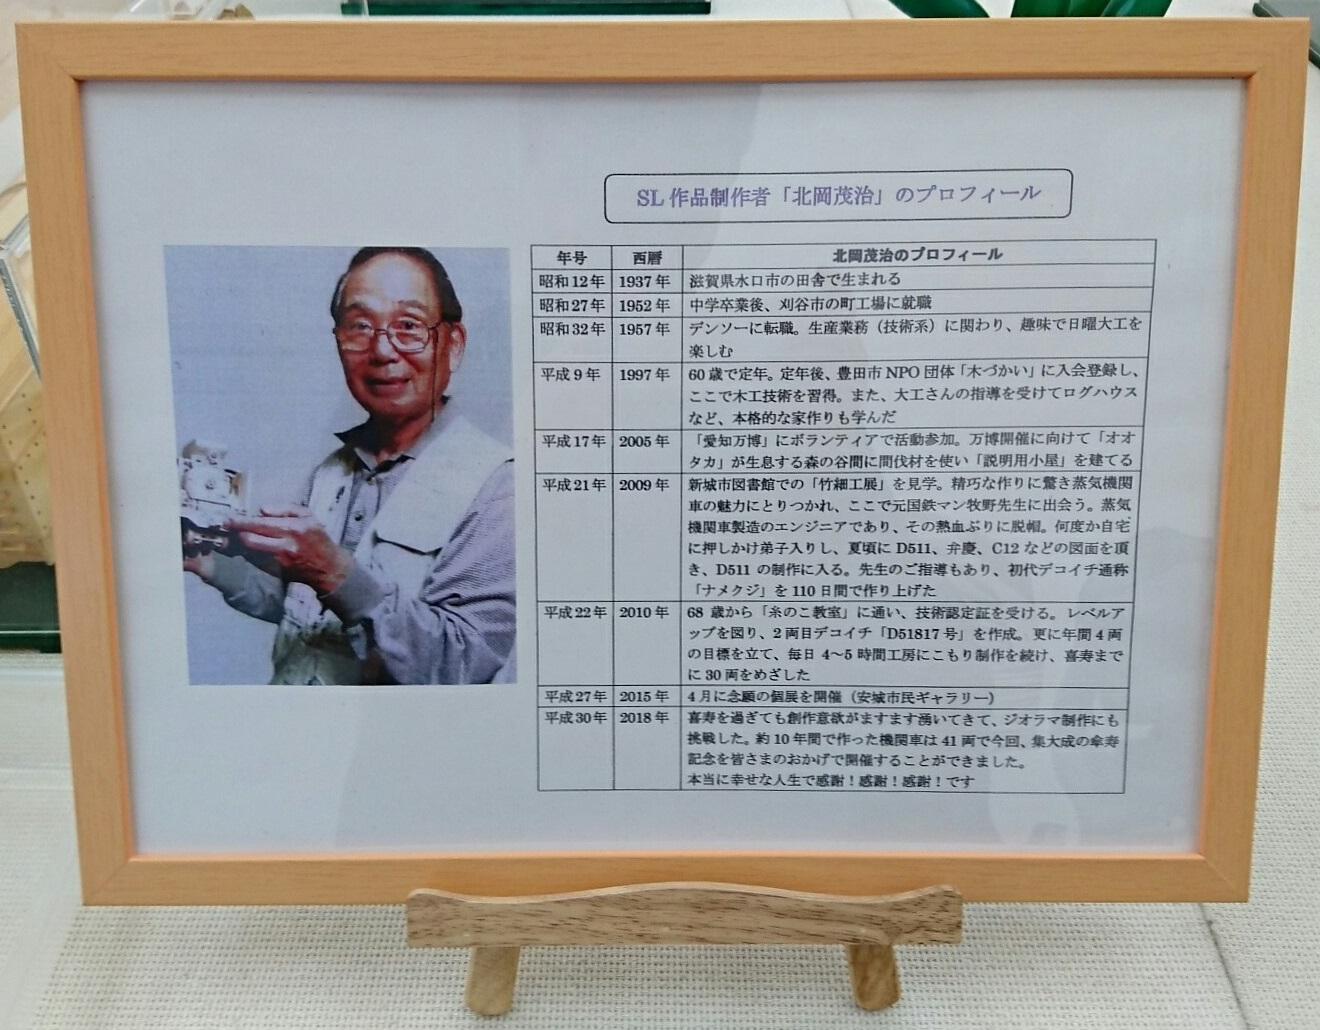 2018.3.22 木工細工蒸気機関車作品展 (18) 北岡茂治さんの略歴 1320-1030